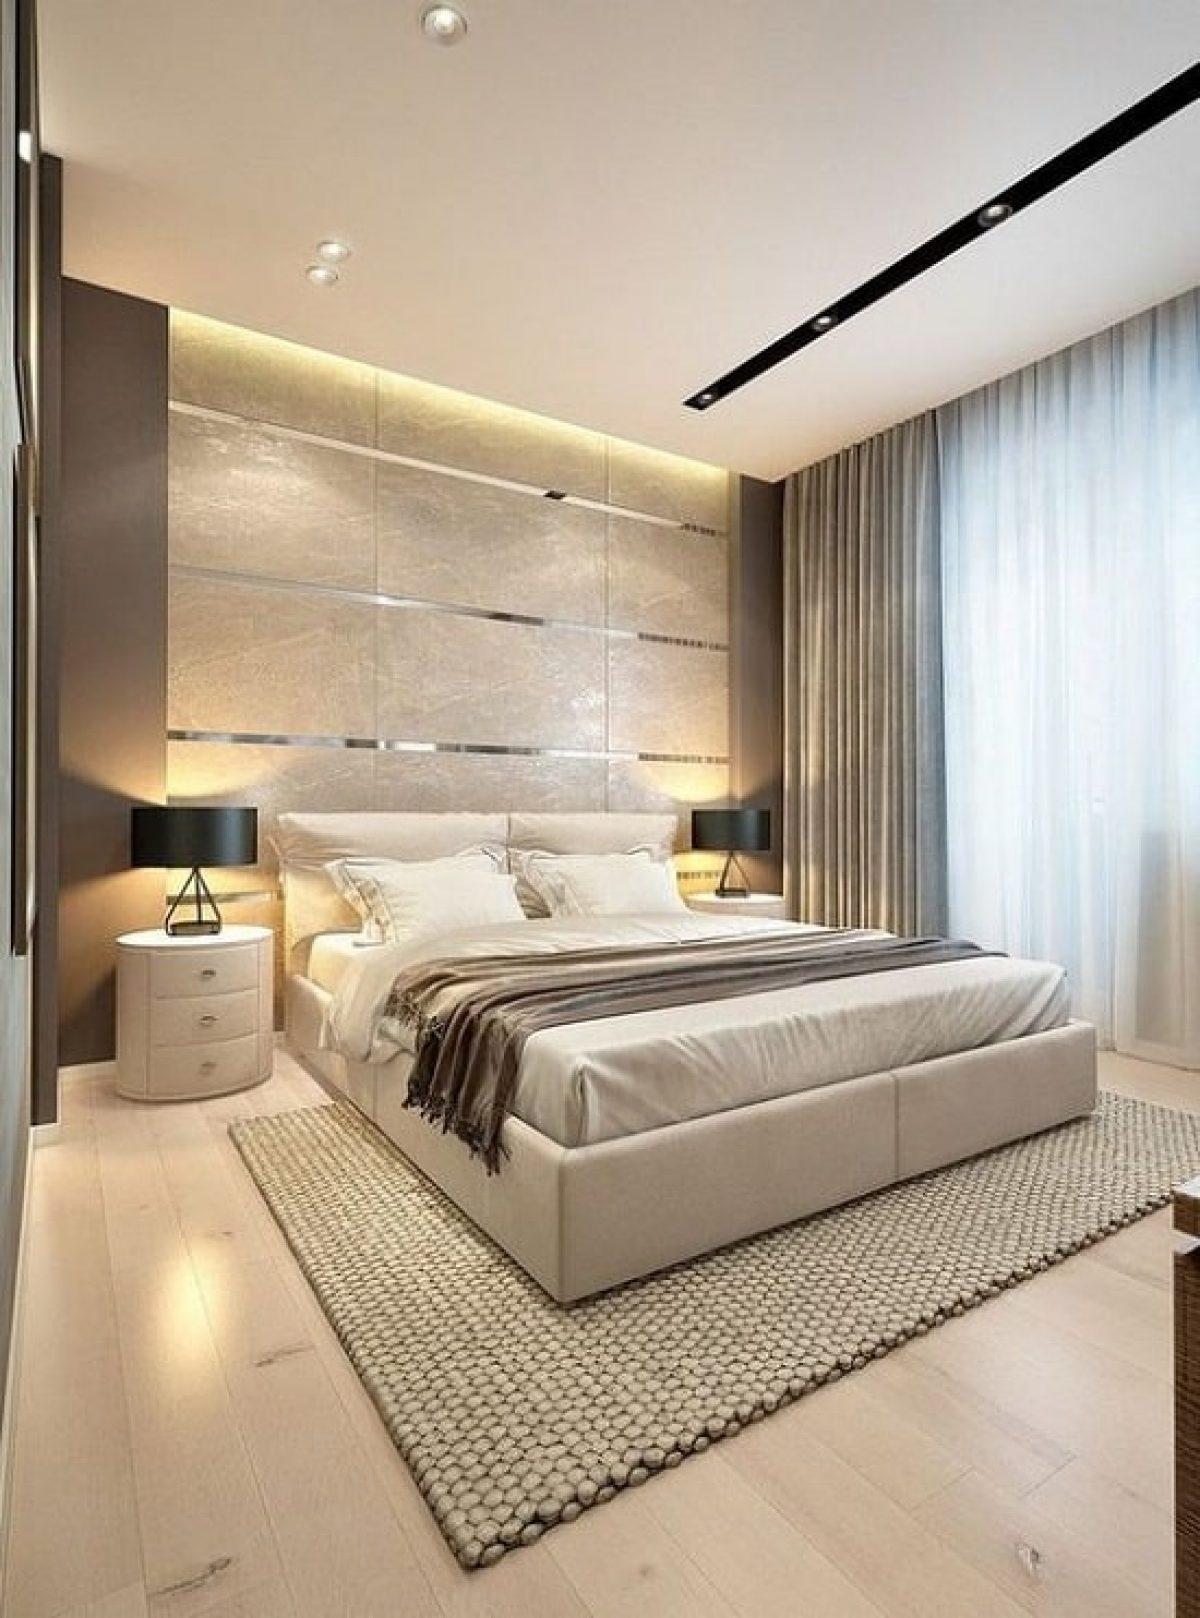 Desain Kamar Tidur Sederhana Untuk Rumah Minimalis